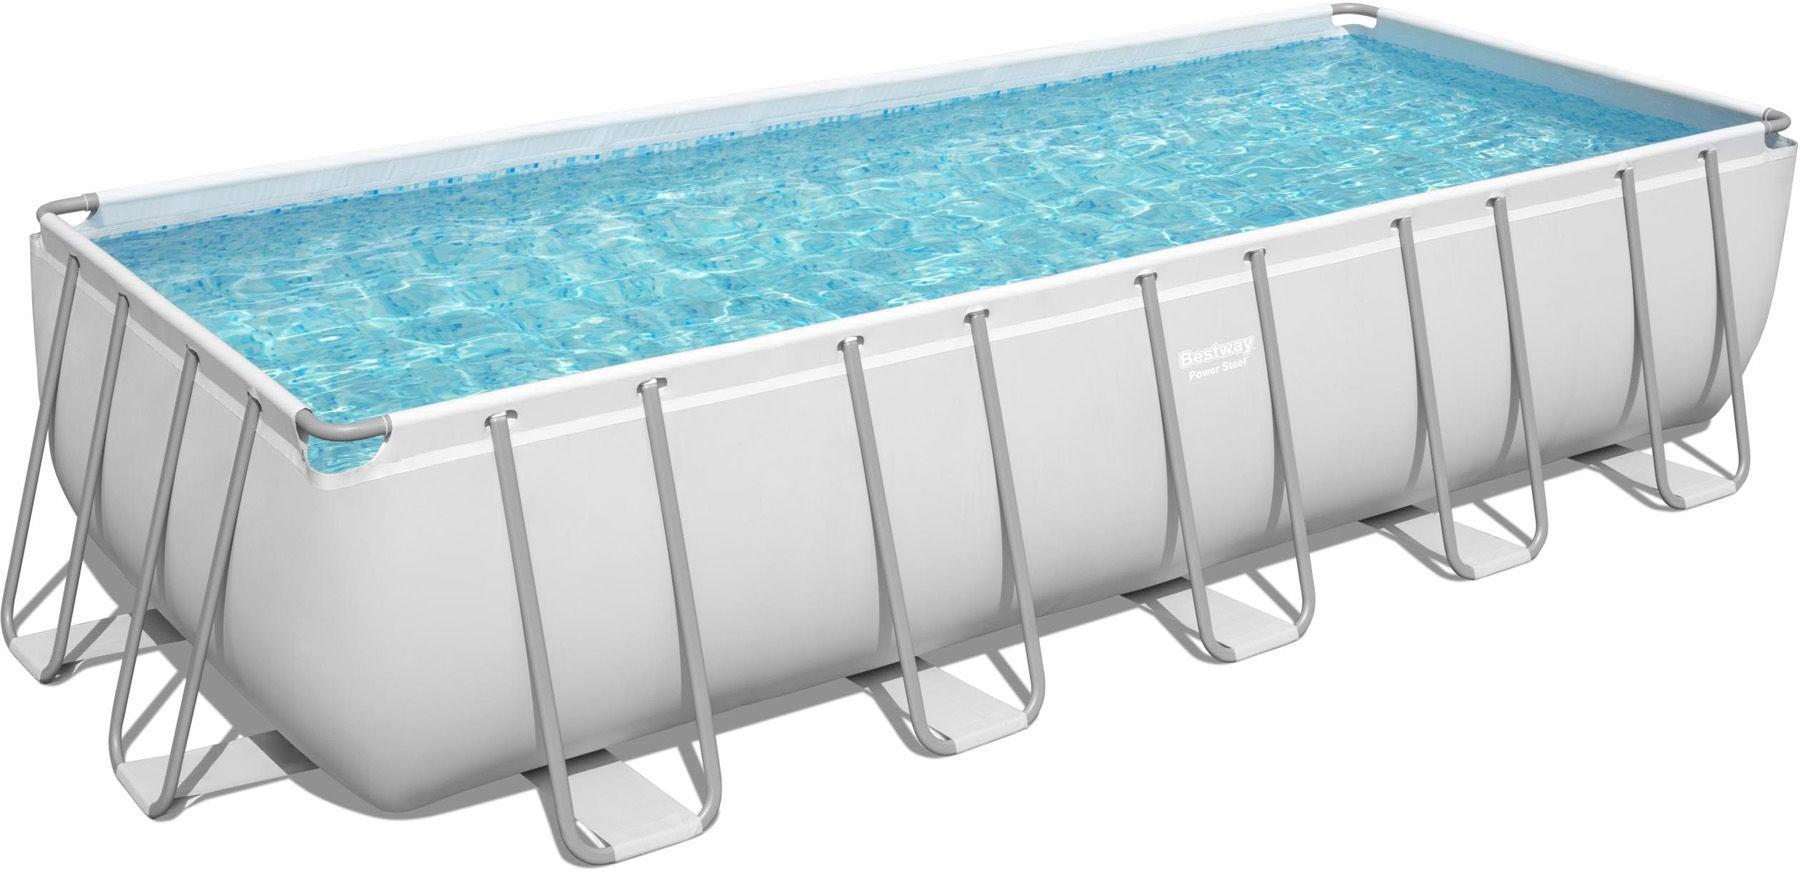 Bestway Power Steel Pool m. Tillbehör 640 x 274